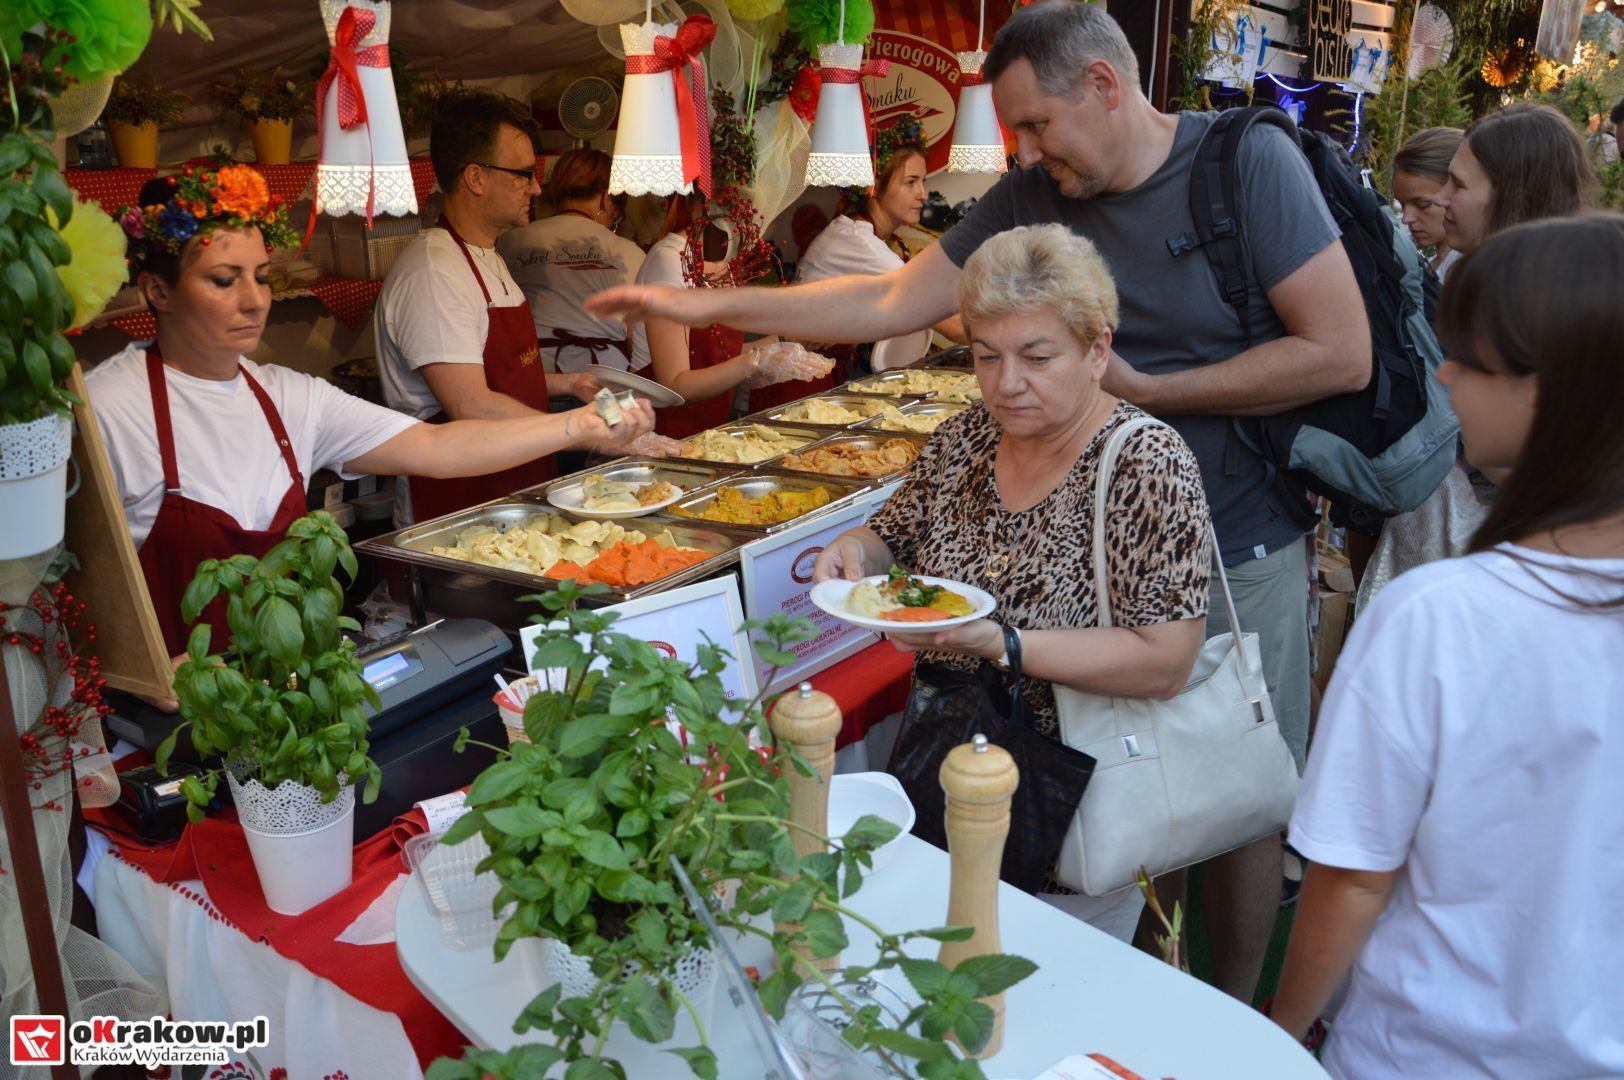 krakow festiwal pierogow maly rynek koncert cheap tobacco 140 150x150 - Galeria zdjęć Festiwal Pierogów Kraków 2018 + zdjęcia z koncertu Cheap Tobacco